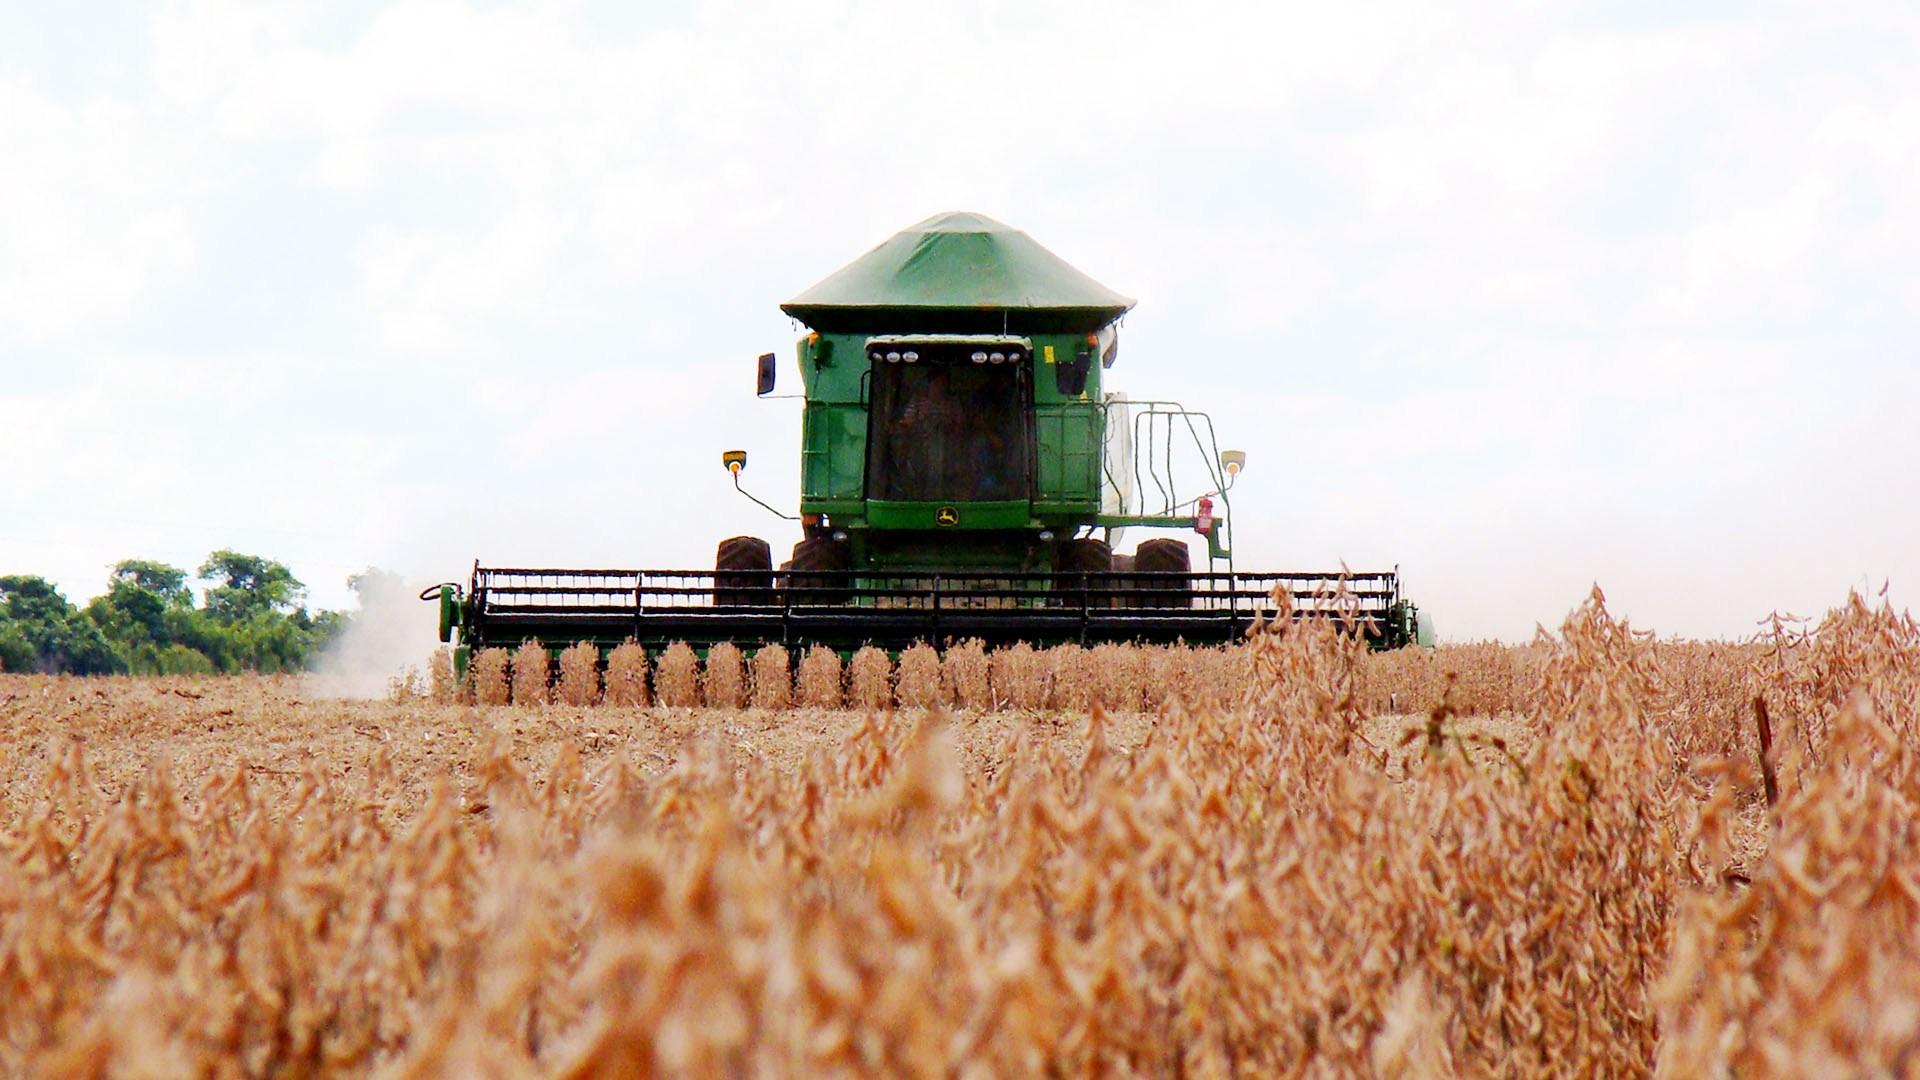 Plantio da soja 2016/17 no Brasil alcança 52,5% da área total, diz Safras